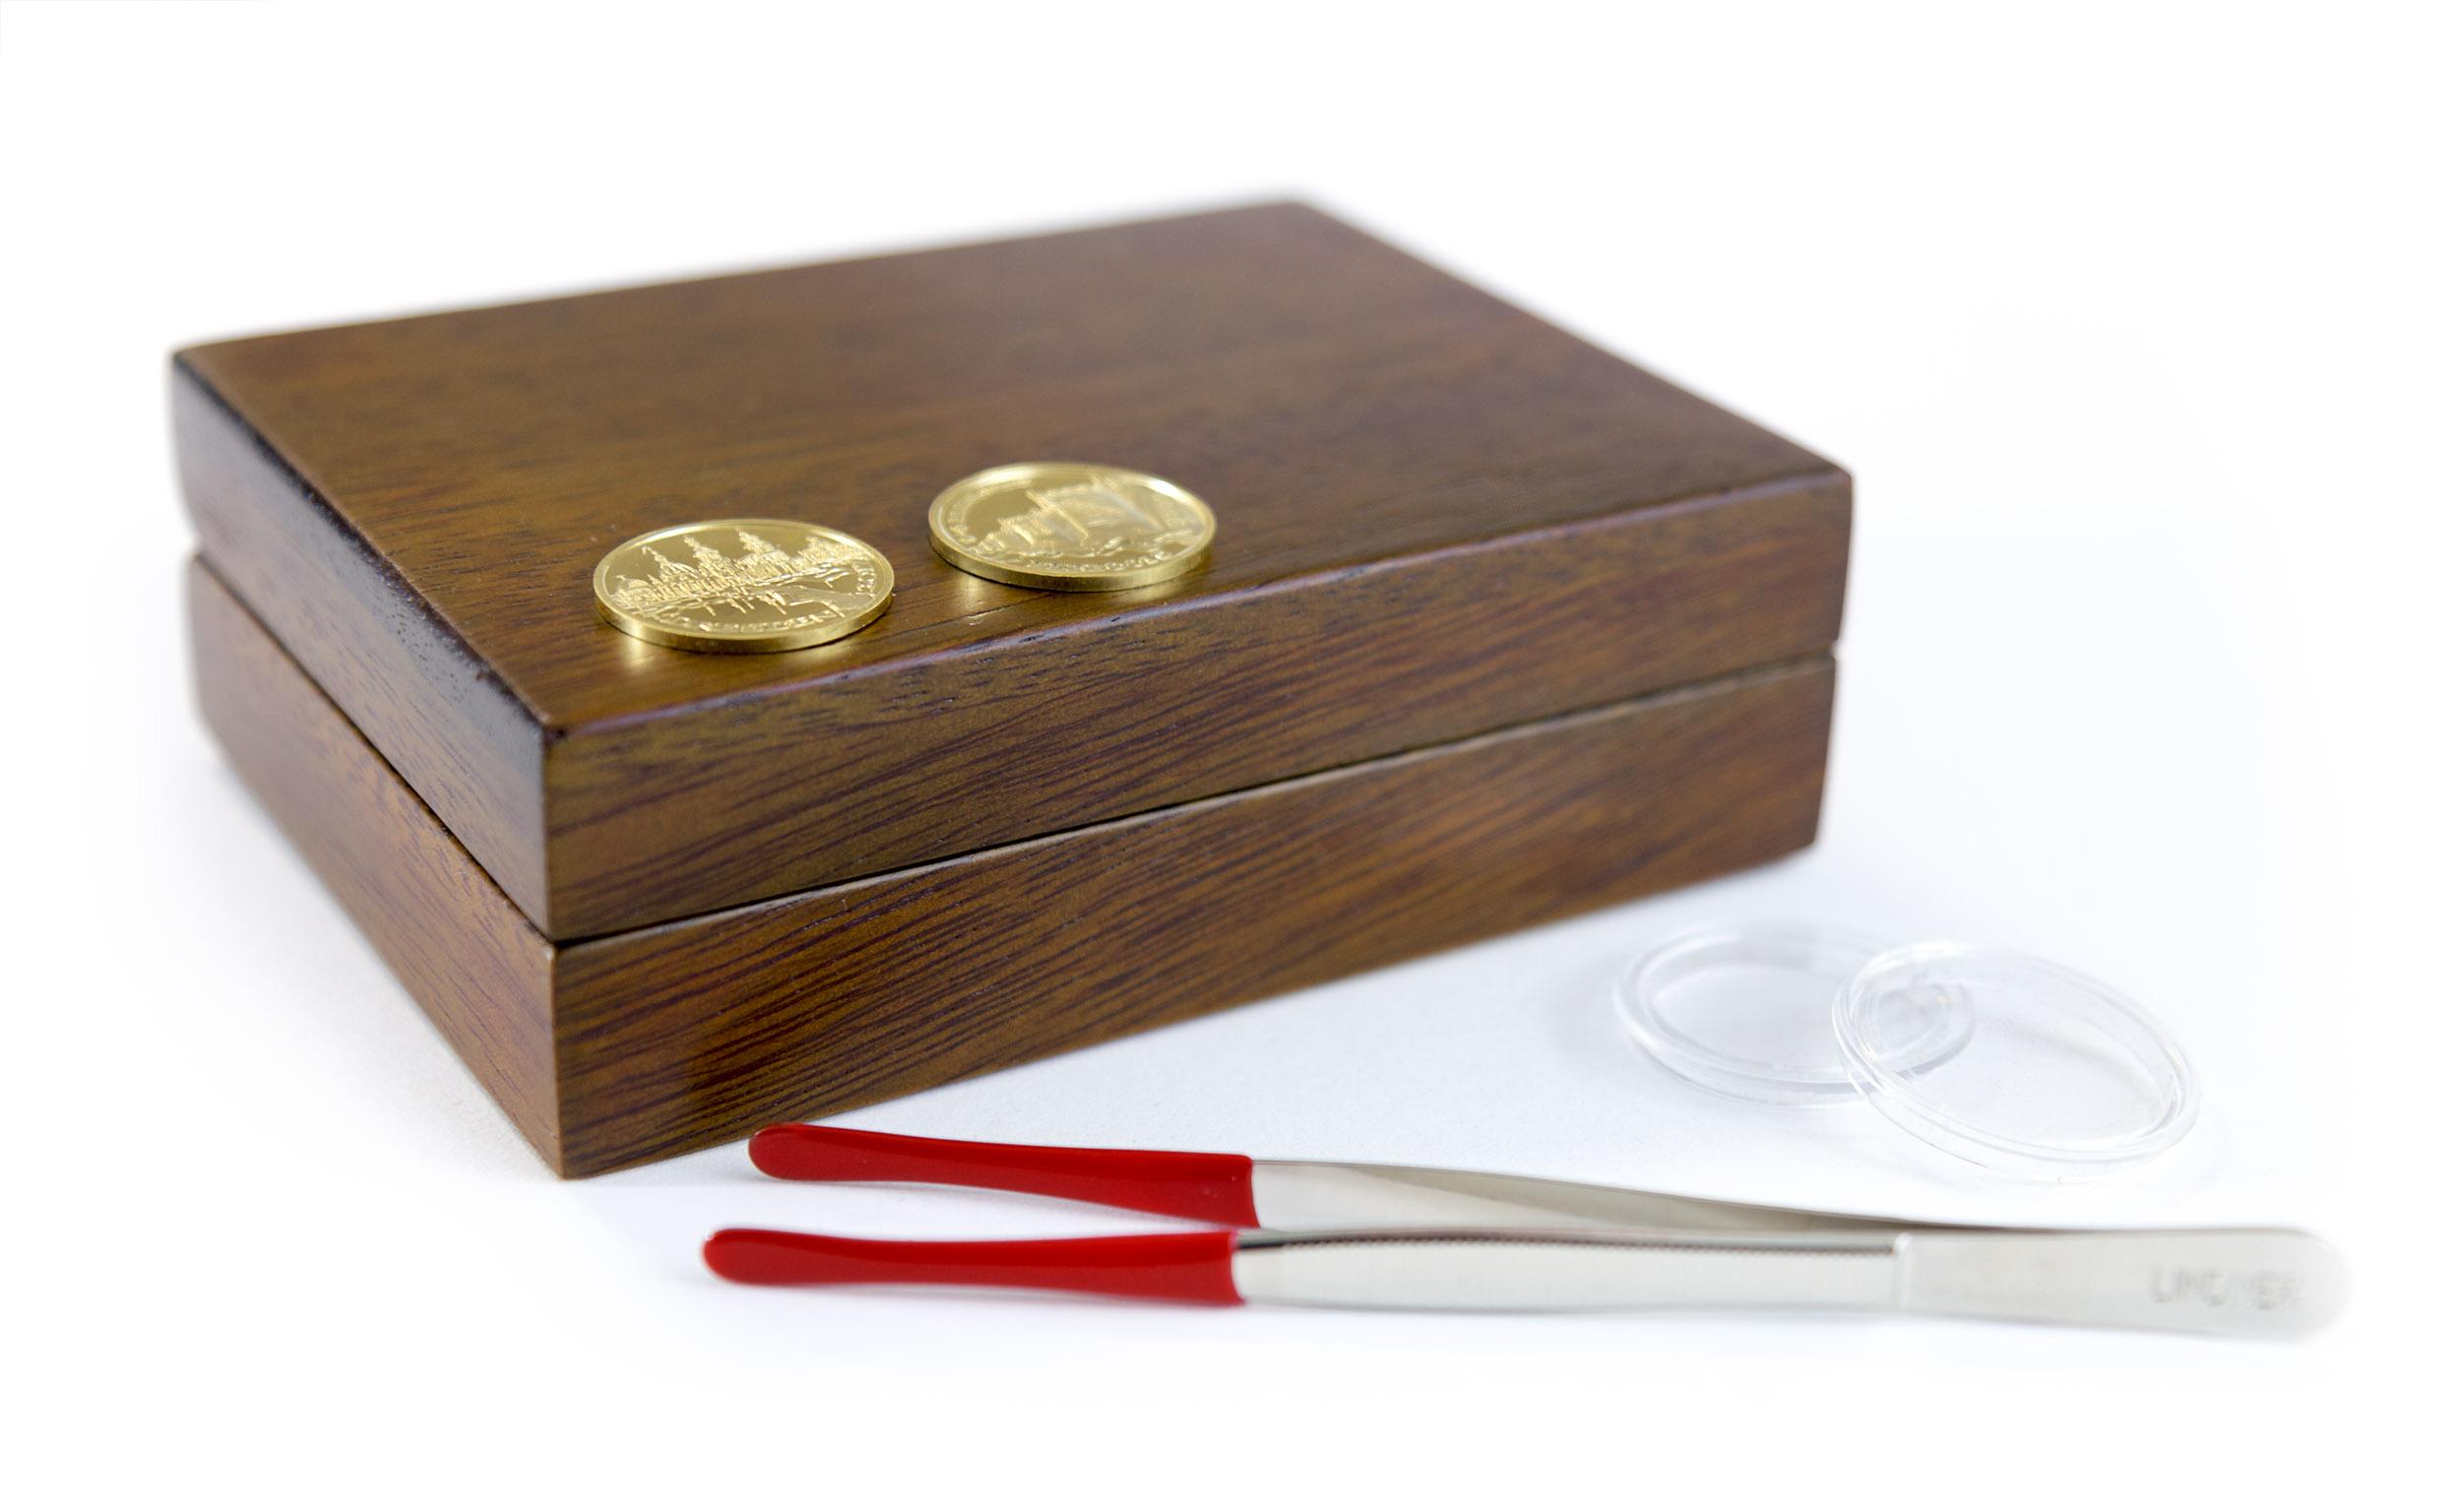 schatulle_coins_topimg_4606a_2500px